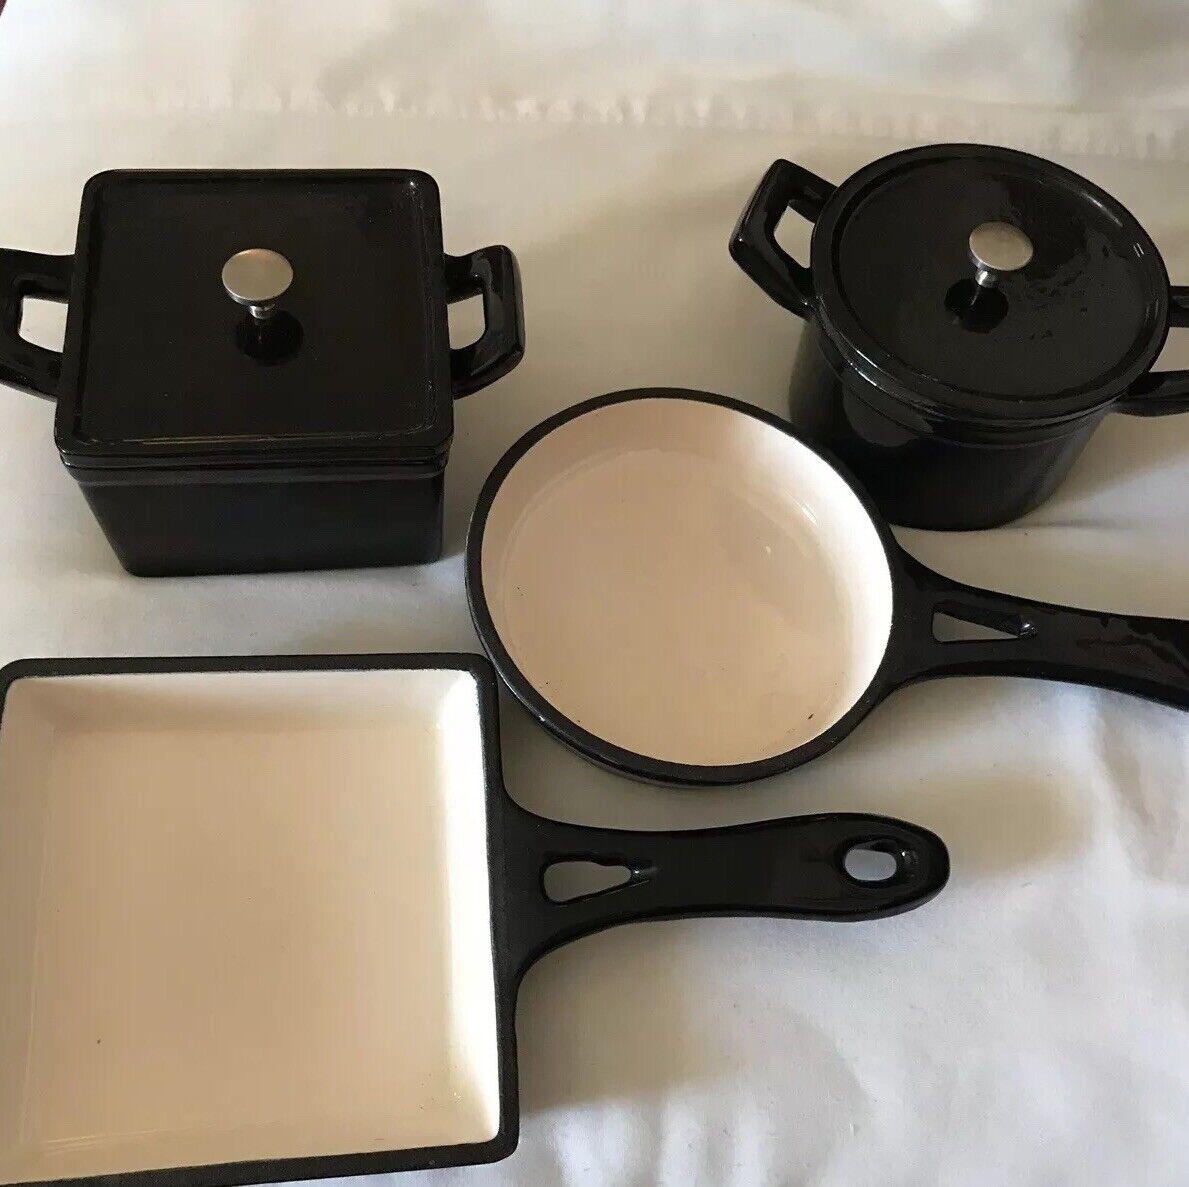 Technique Cookware Lot Noir émail Clad fonte petite taille